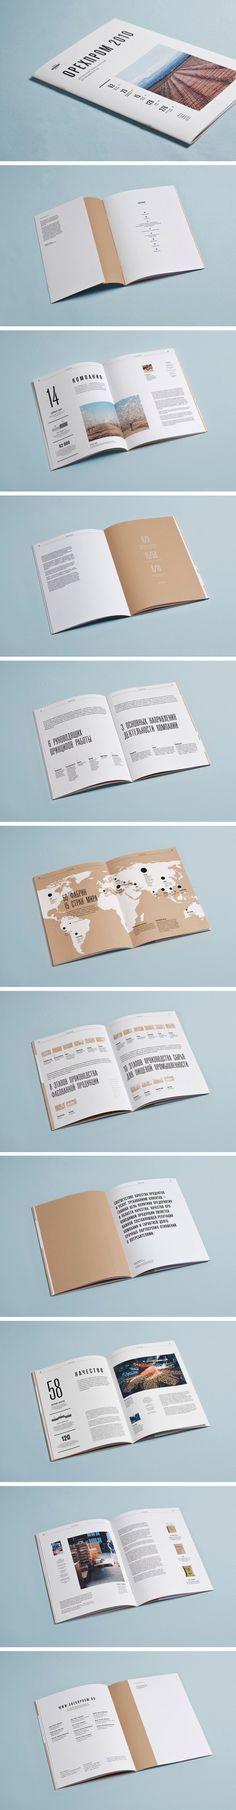 Chez Brochure24 on aime cette épingle ! Imprimerie spécialiste en impression de brochures et magazines. http://brochure24.fr/